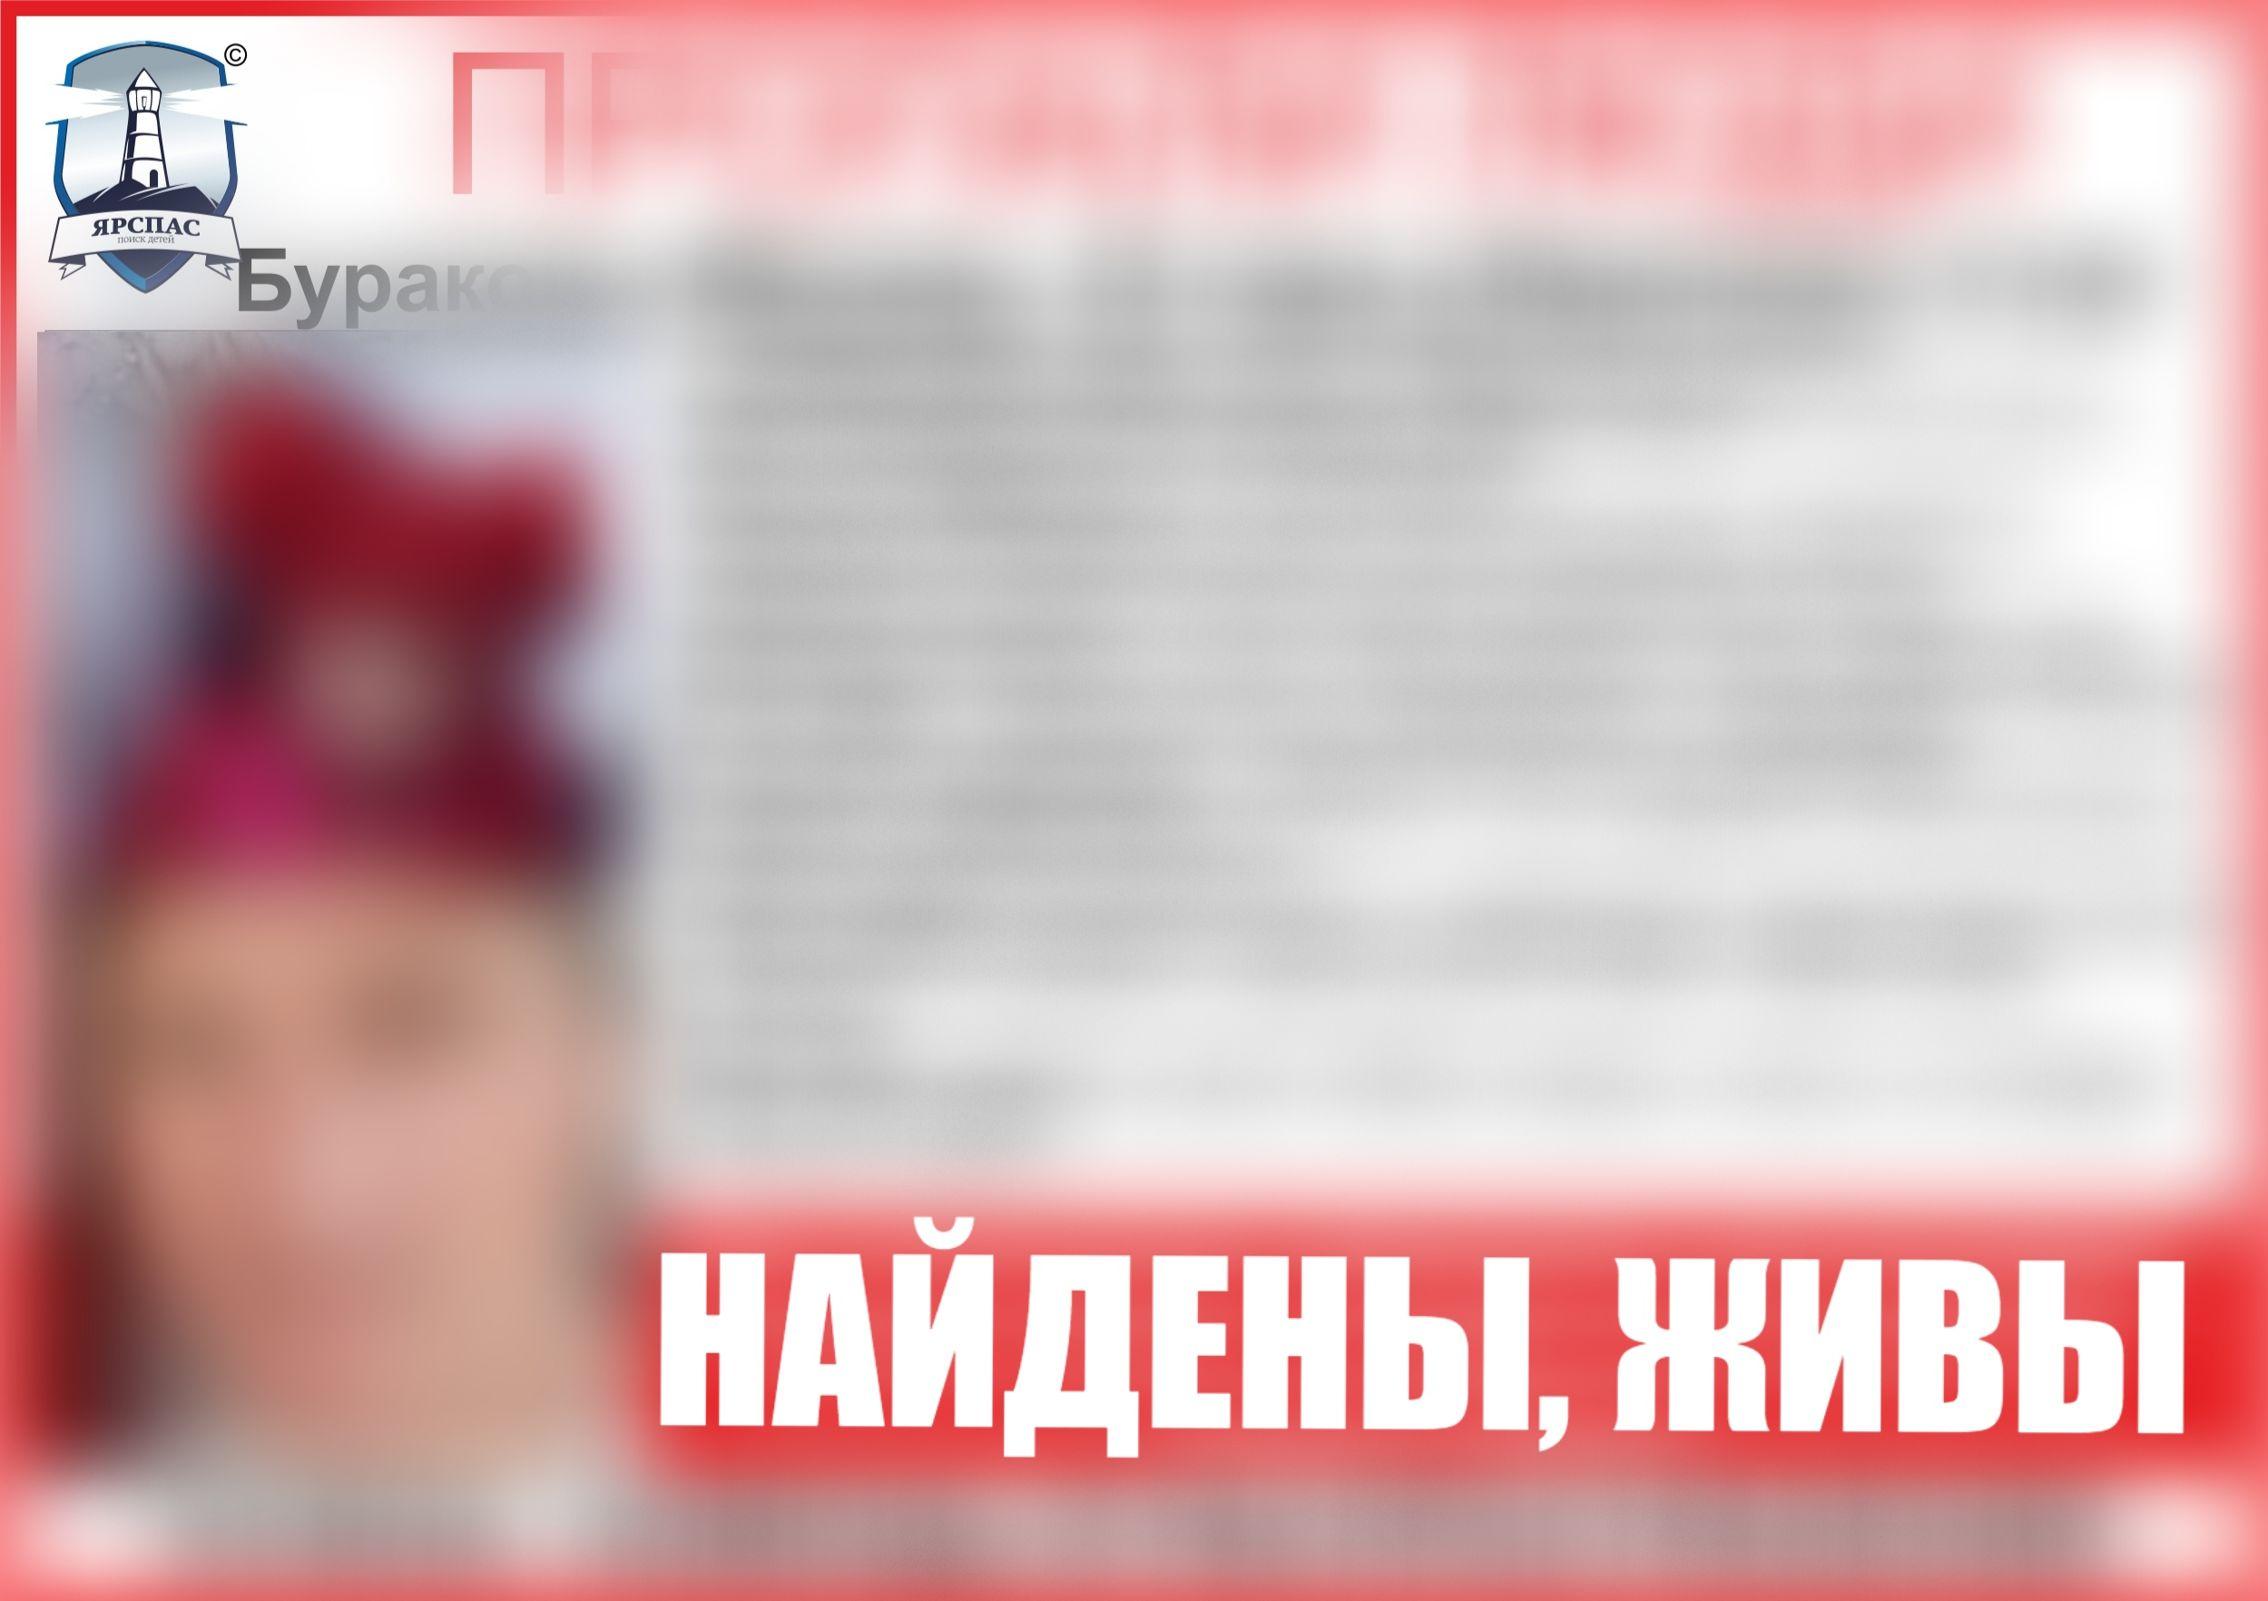 В Ярославской области пропавших отца с дочерью нашли живыми